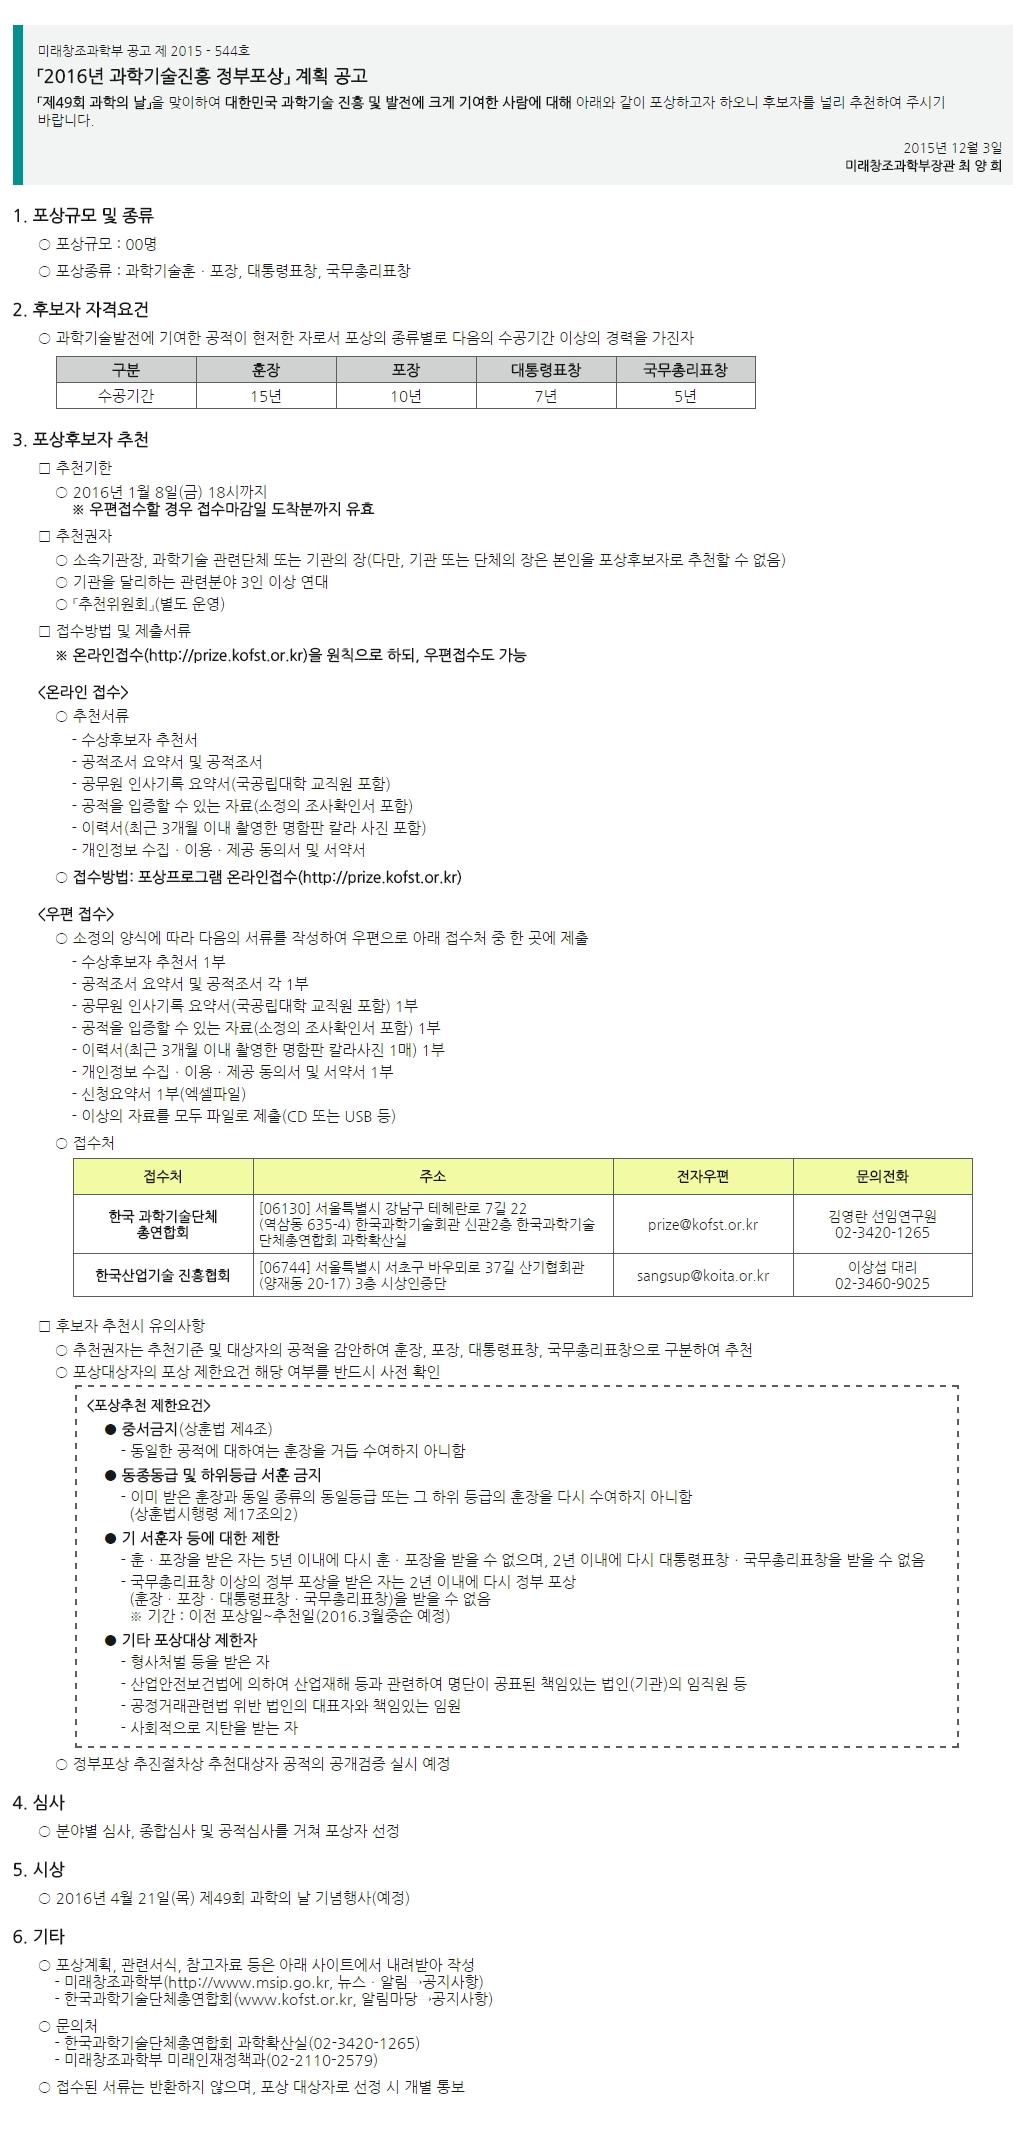 「2016년 과학기술진흥 정부포상」 계획 공고.jpg